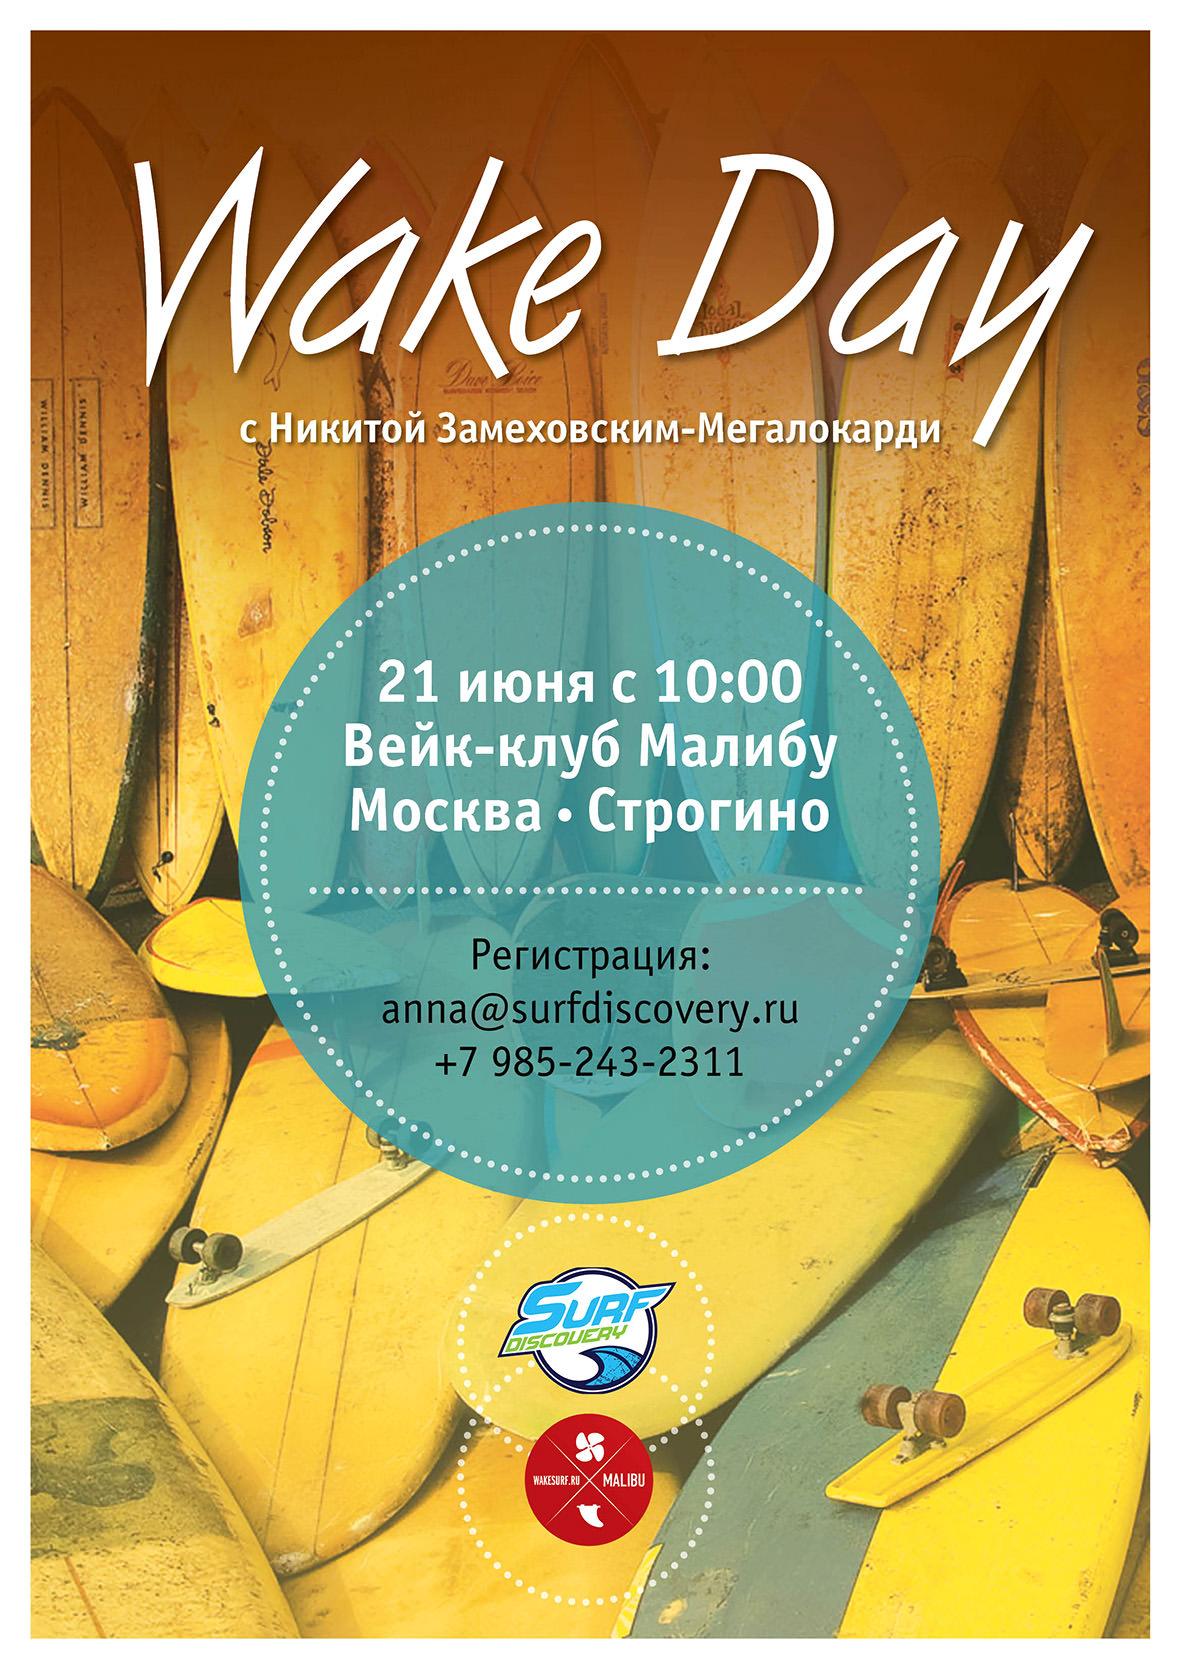 Wake Day